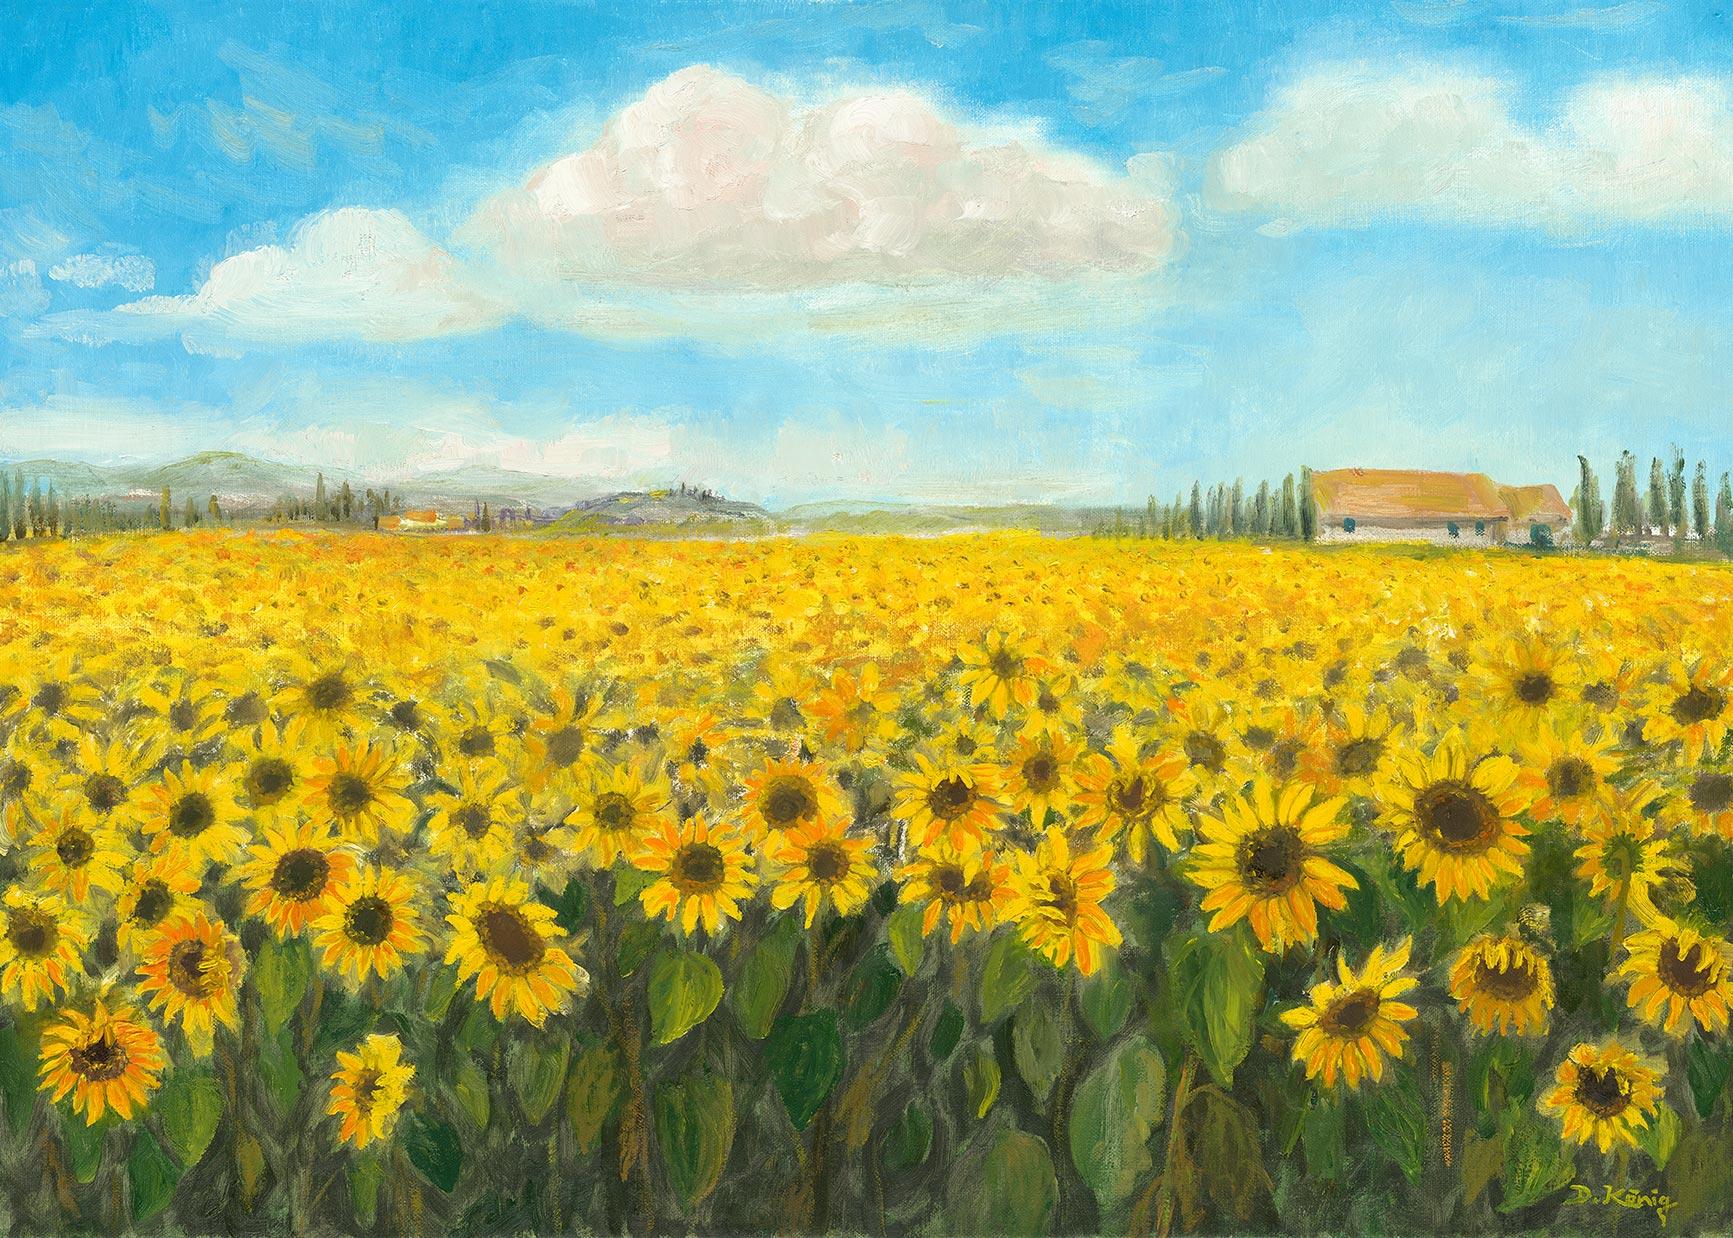 Sonnenblumen In Der Toskana - 50 X 70 Cm - Öl Auf Leinen